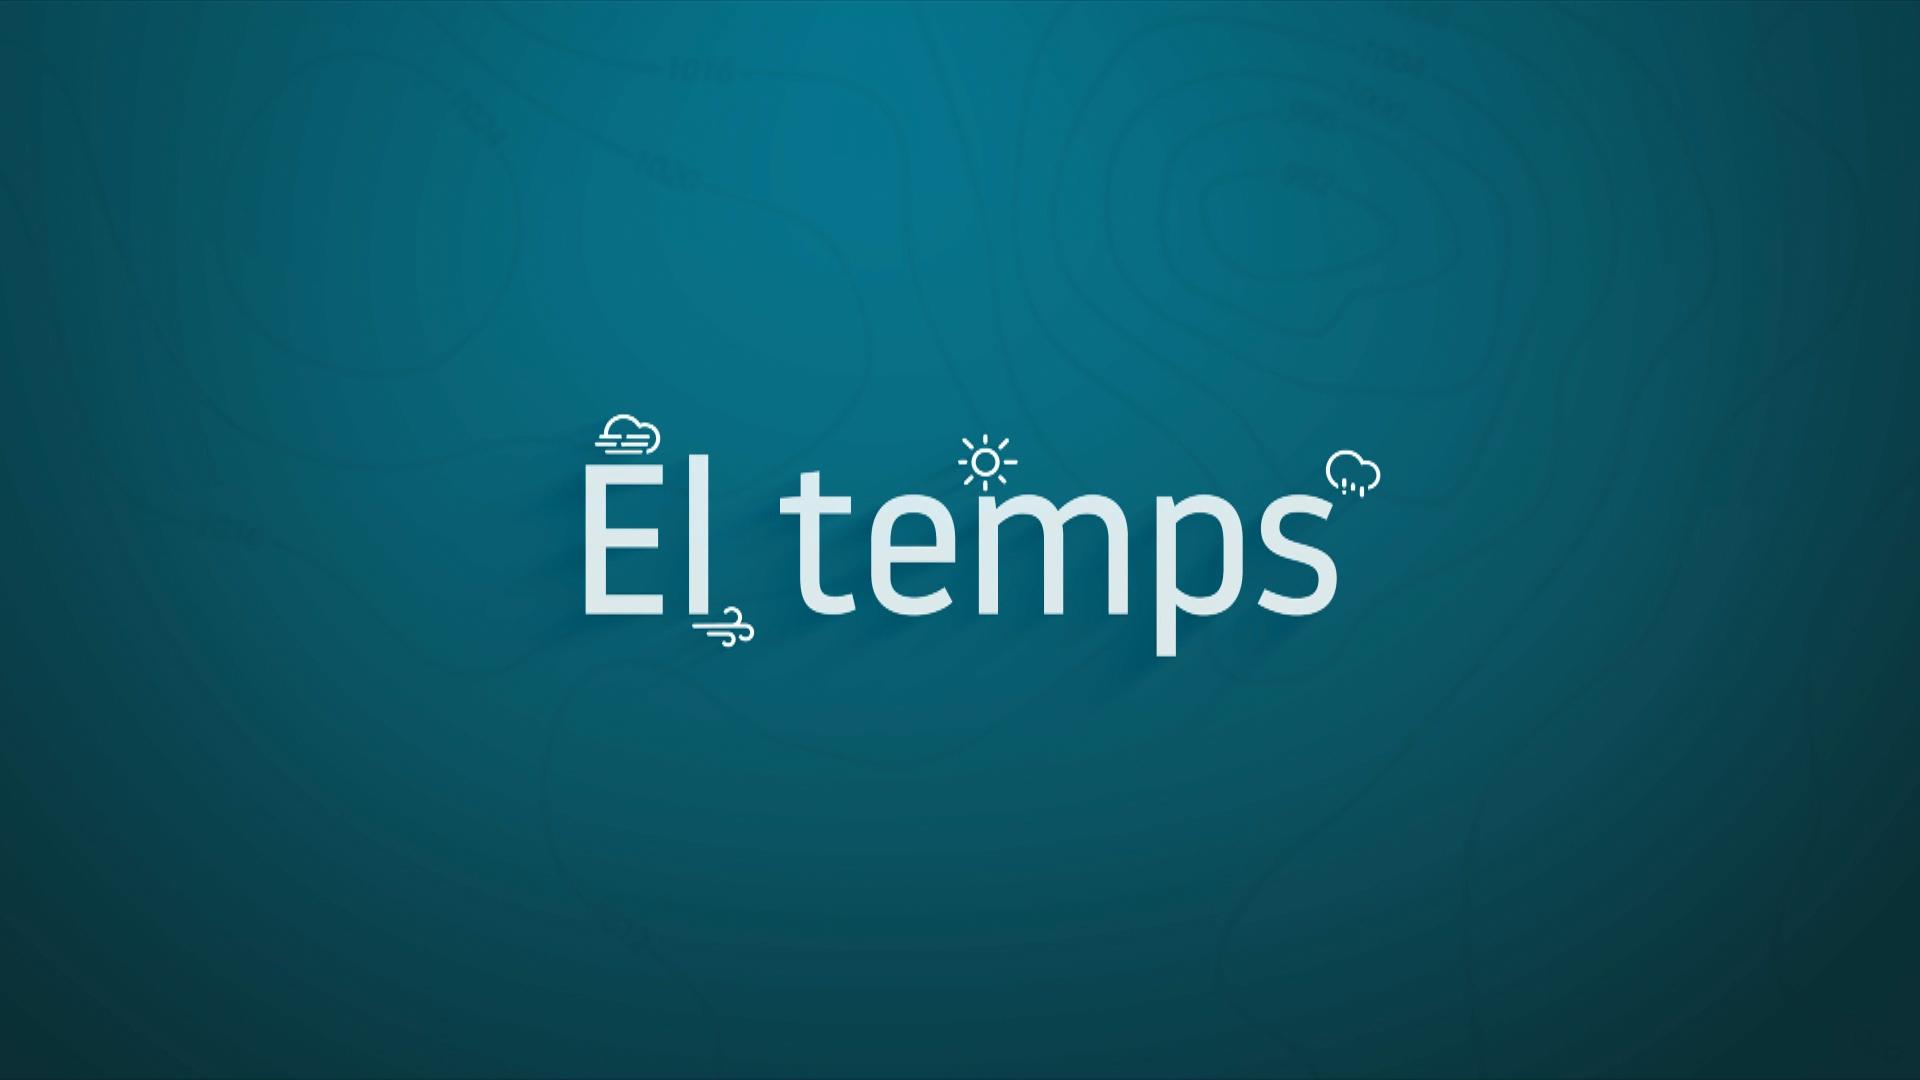 El+Temps+Vespre+23-07-2021